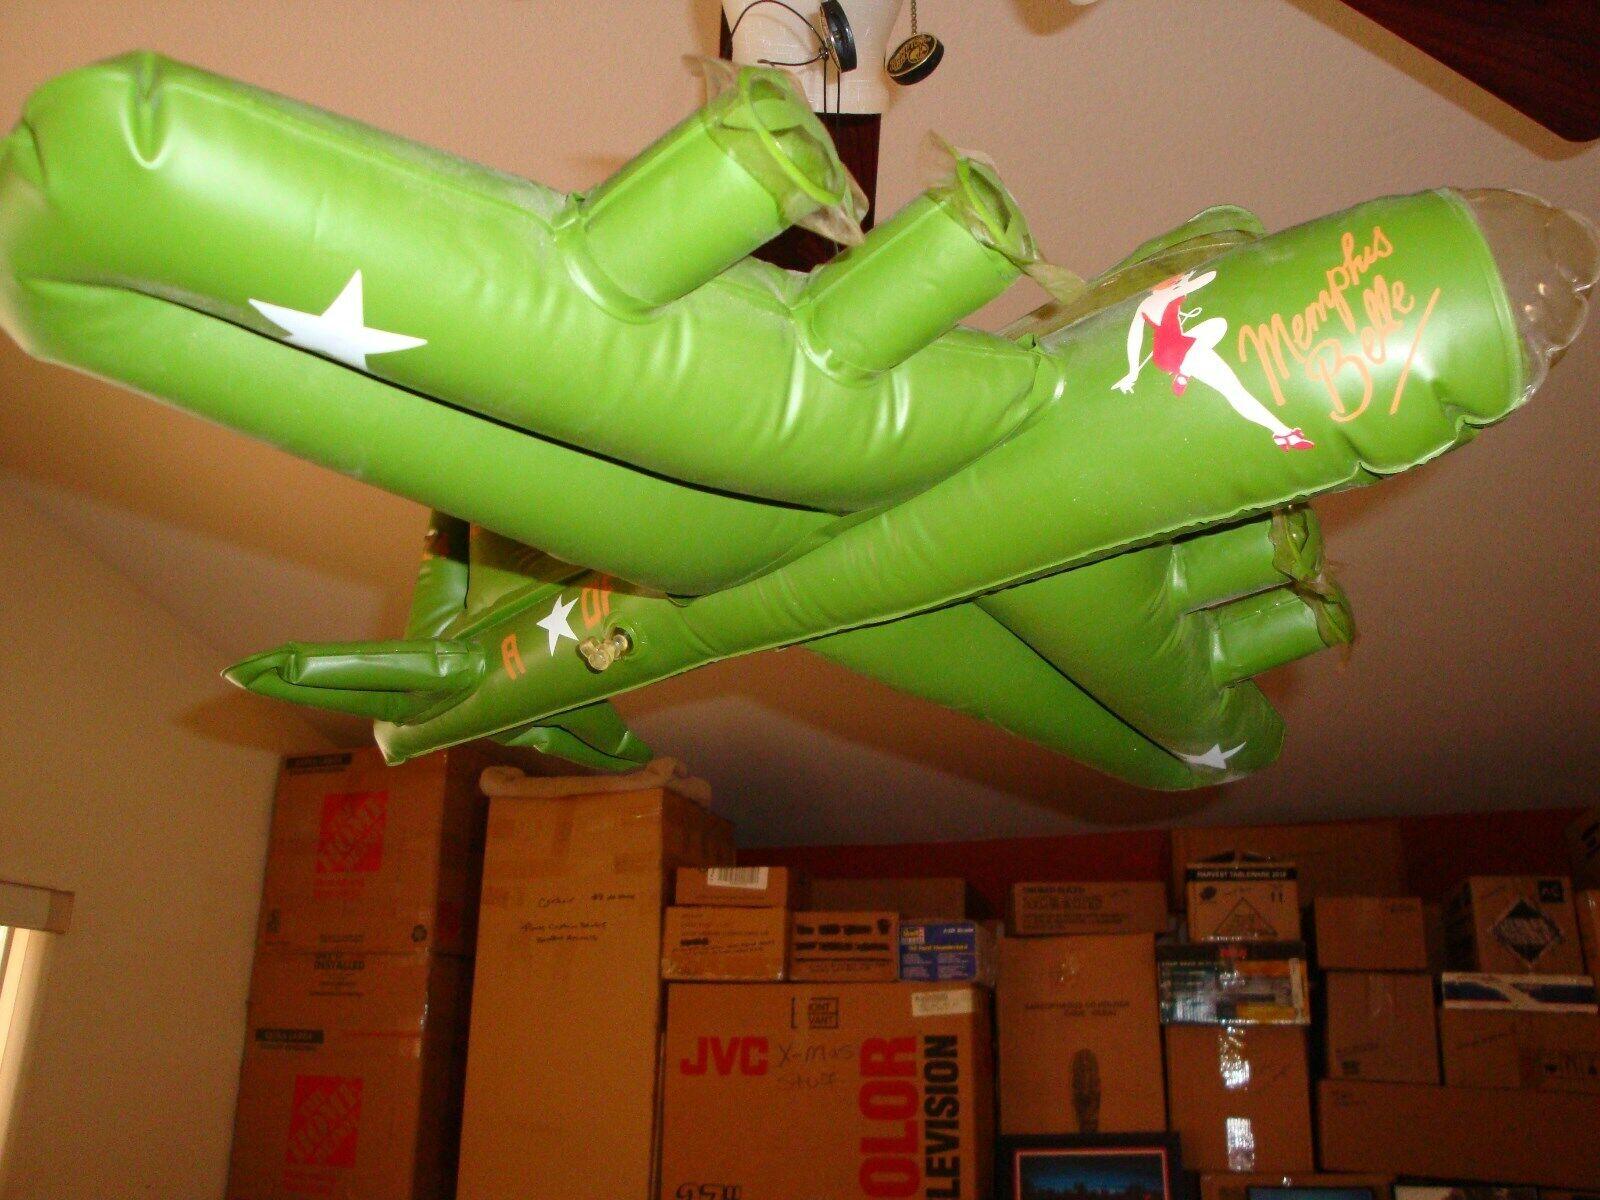 B-17 Memphis Belle gonflable PROMO Prop pour distributeurs seulement très rare